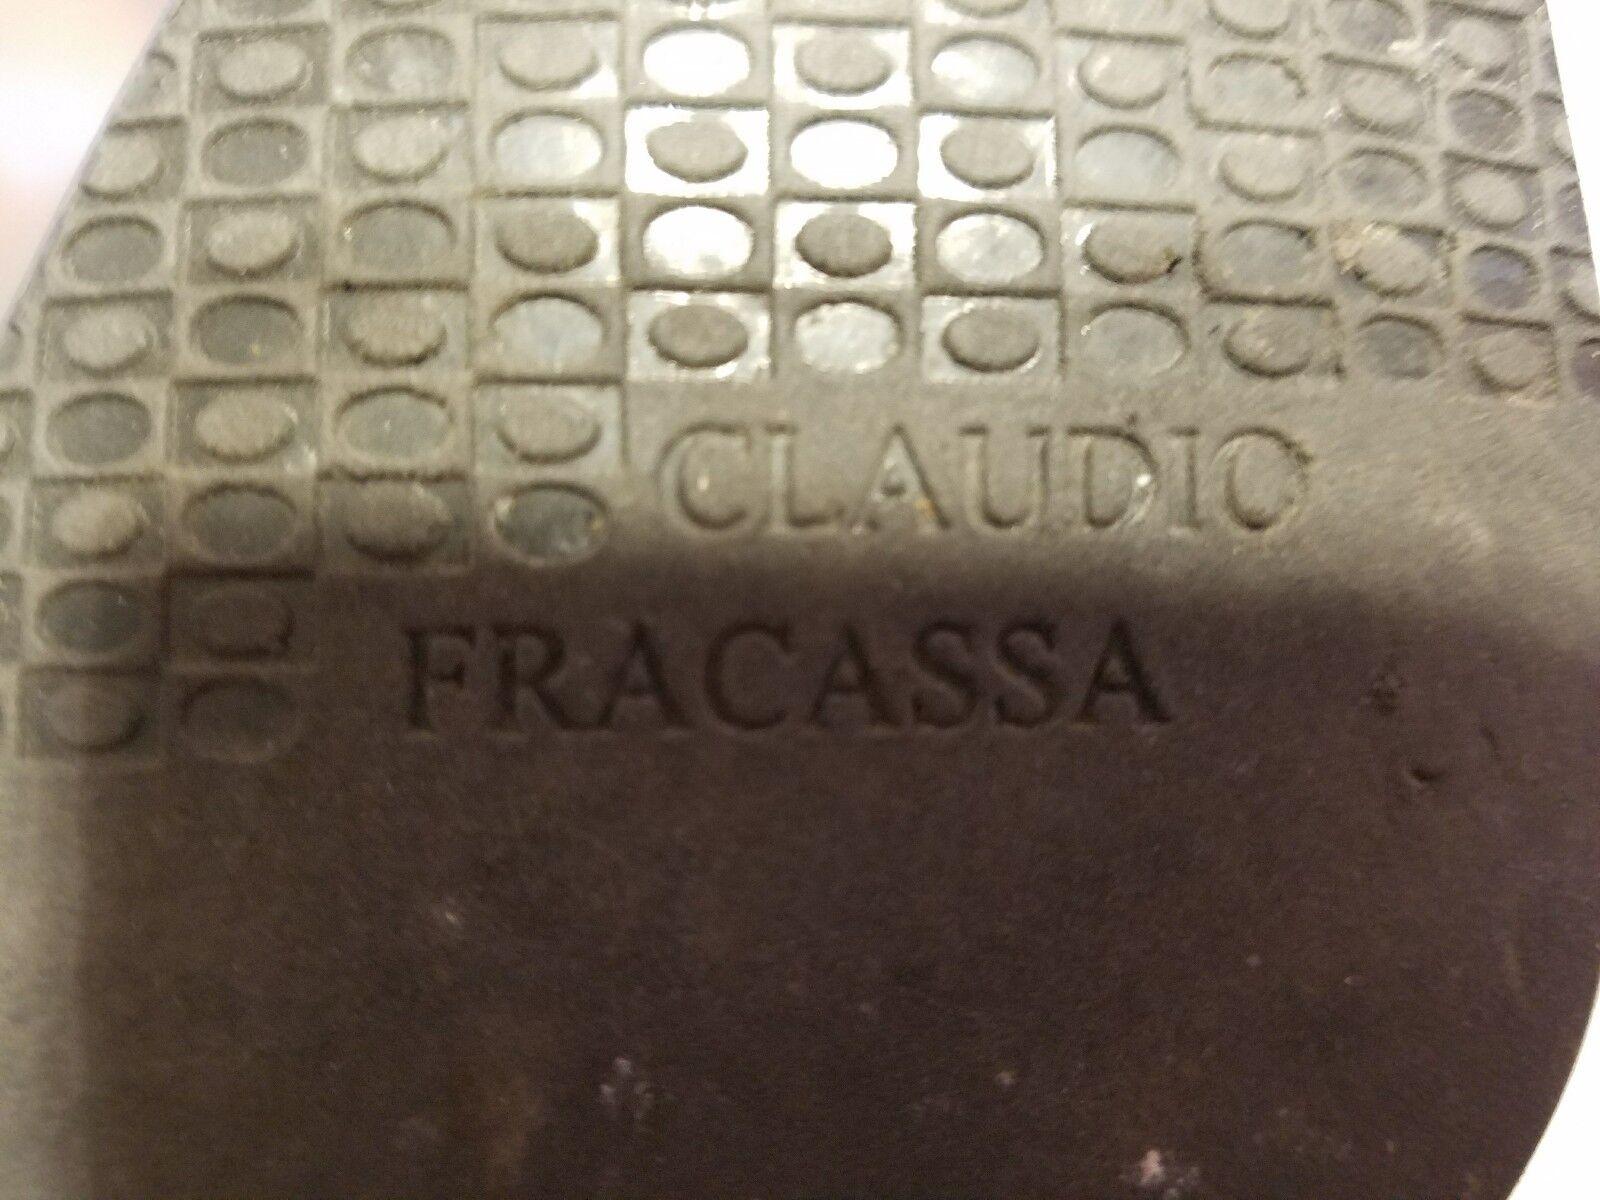 Claudio Fracassa EU schwarz Leder Stiefel EU Fracassa 37 85e070